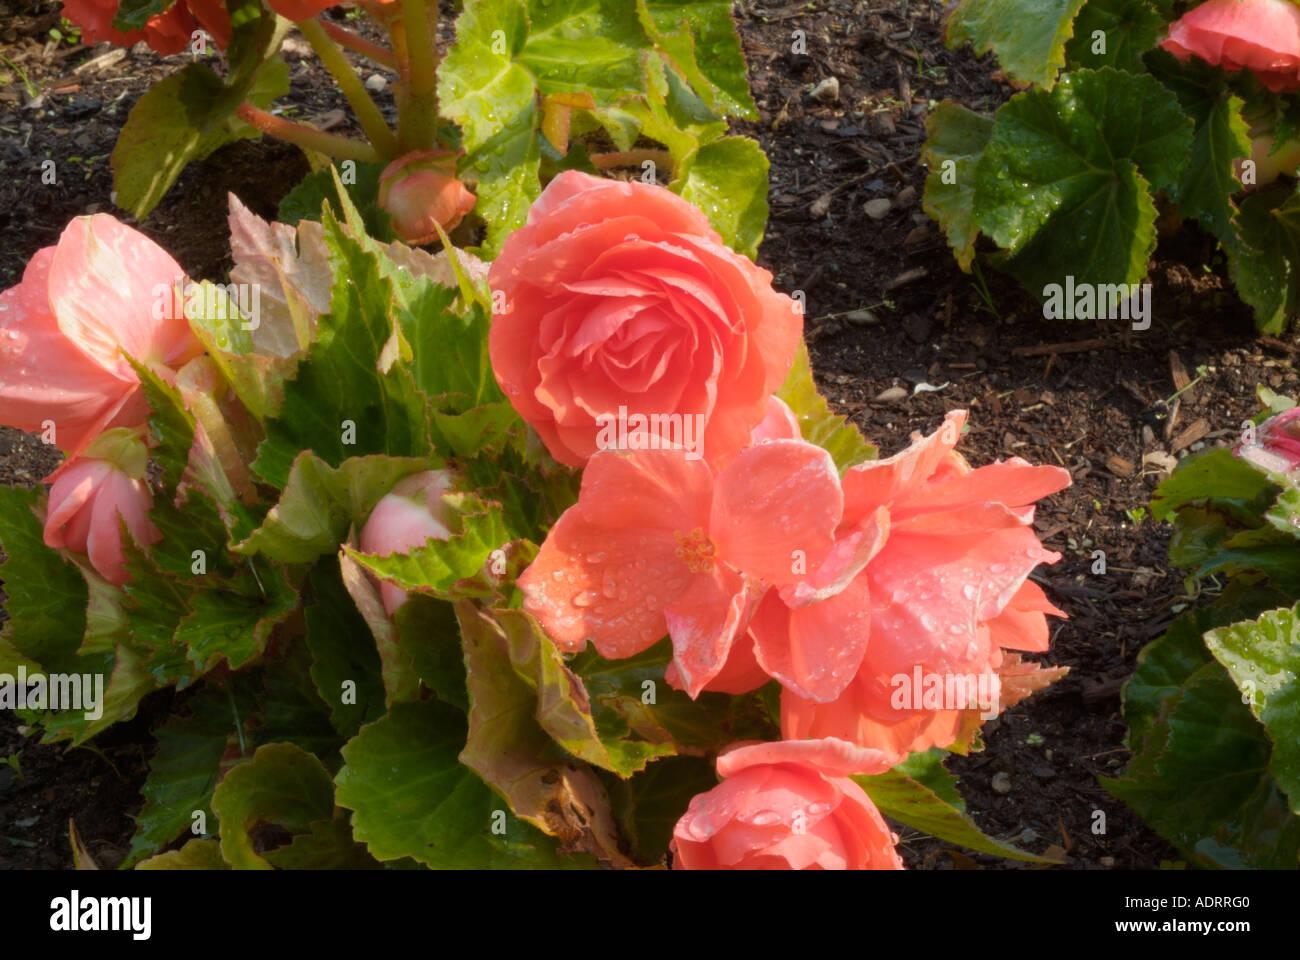 Flowers bloom pretty pedals gardens garden grow summer stock flowers bloom pretty pedals gardens garden grow summer spring colors plant plantsenvironment elegant natural mightylinksfo